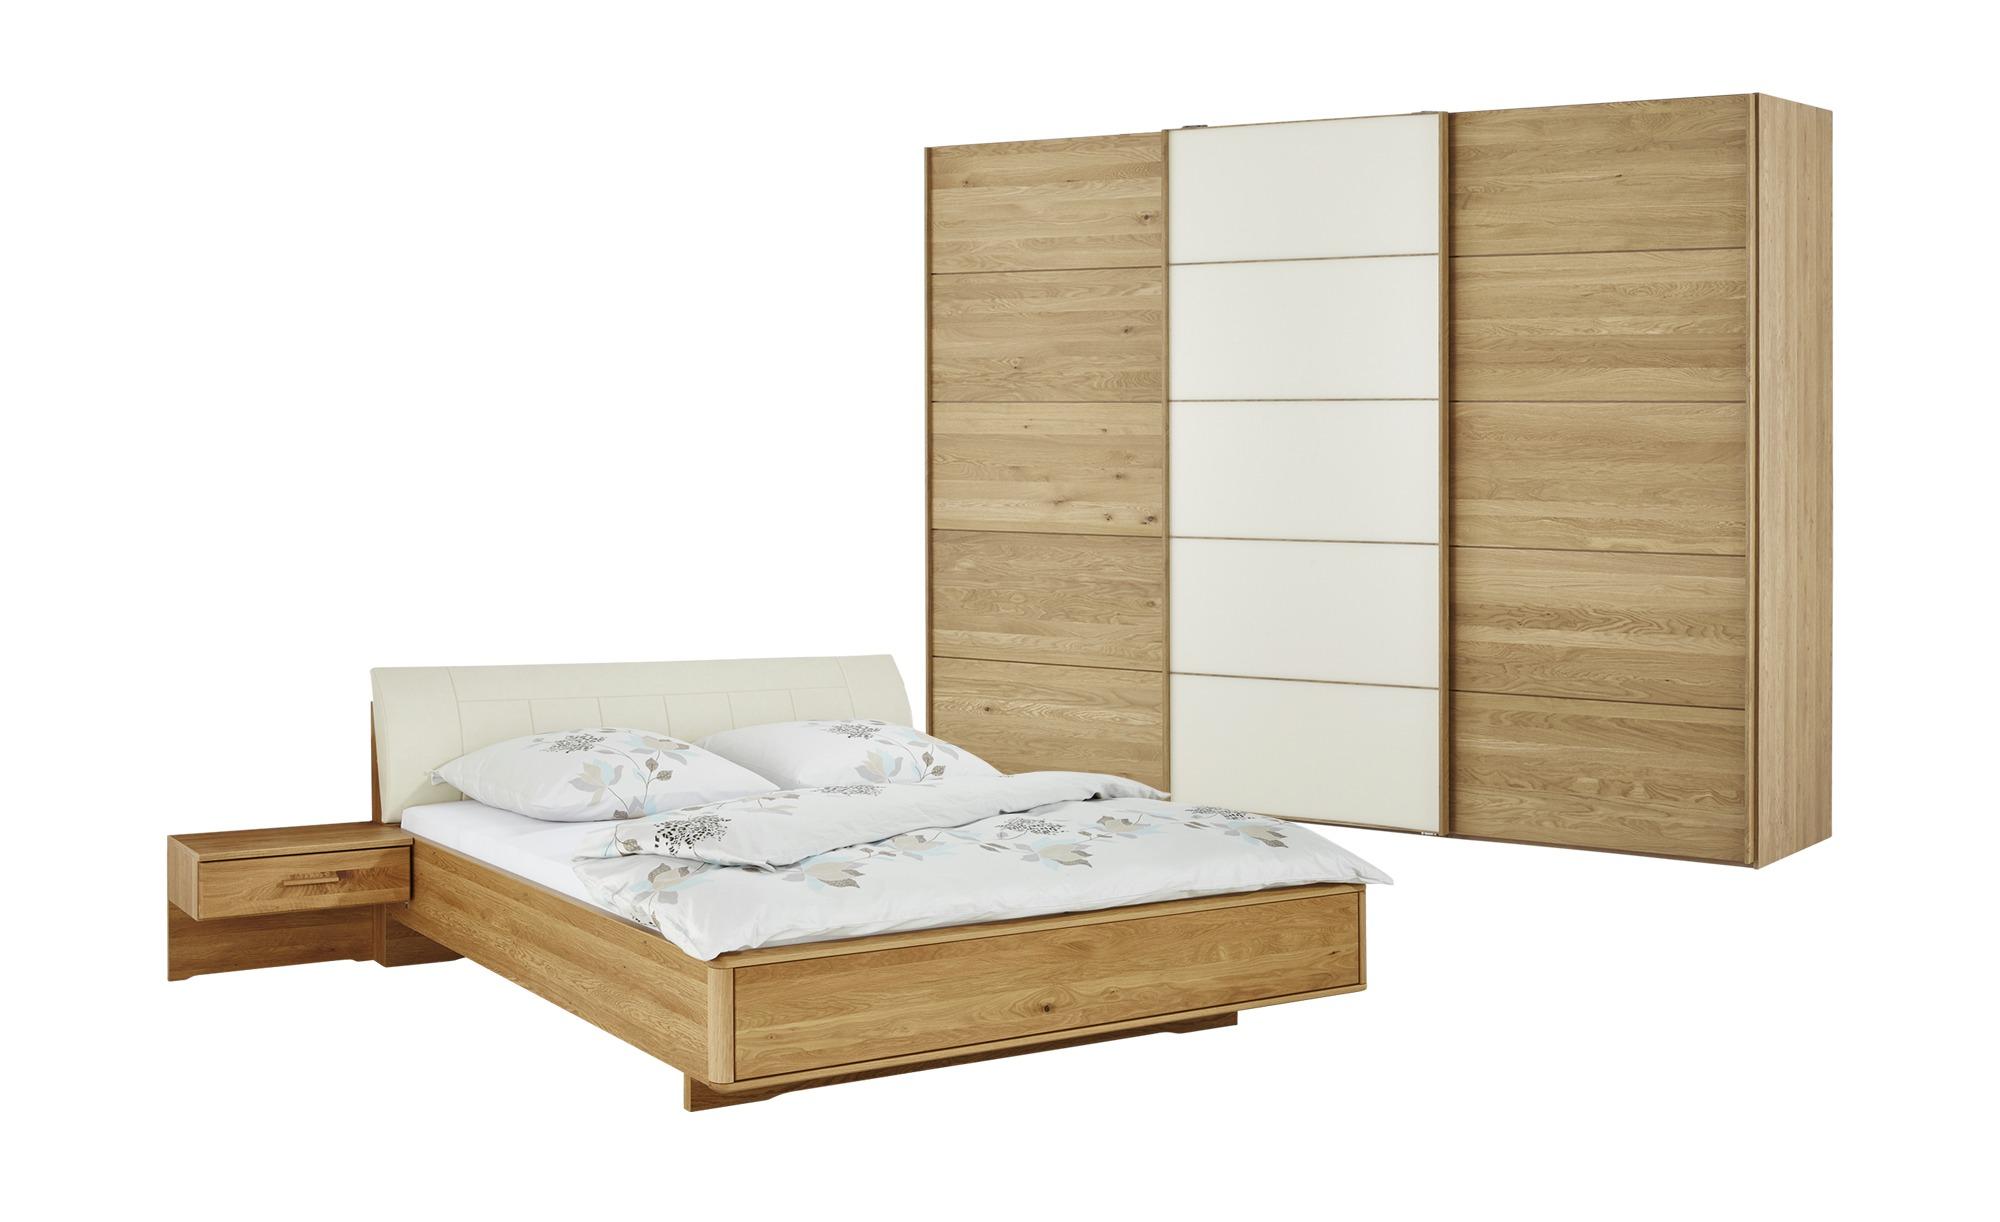 Woodford Komplett-Schlafzimmer Kyran, gefunden bei Möbel Höffner